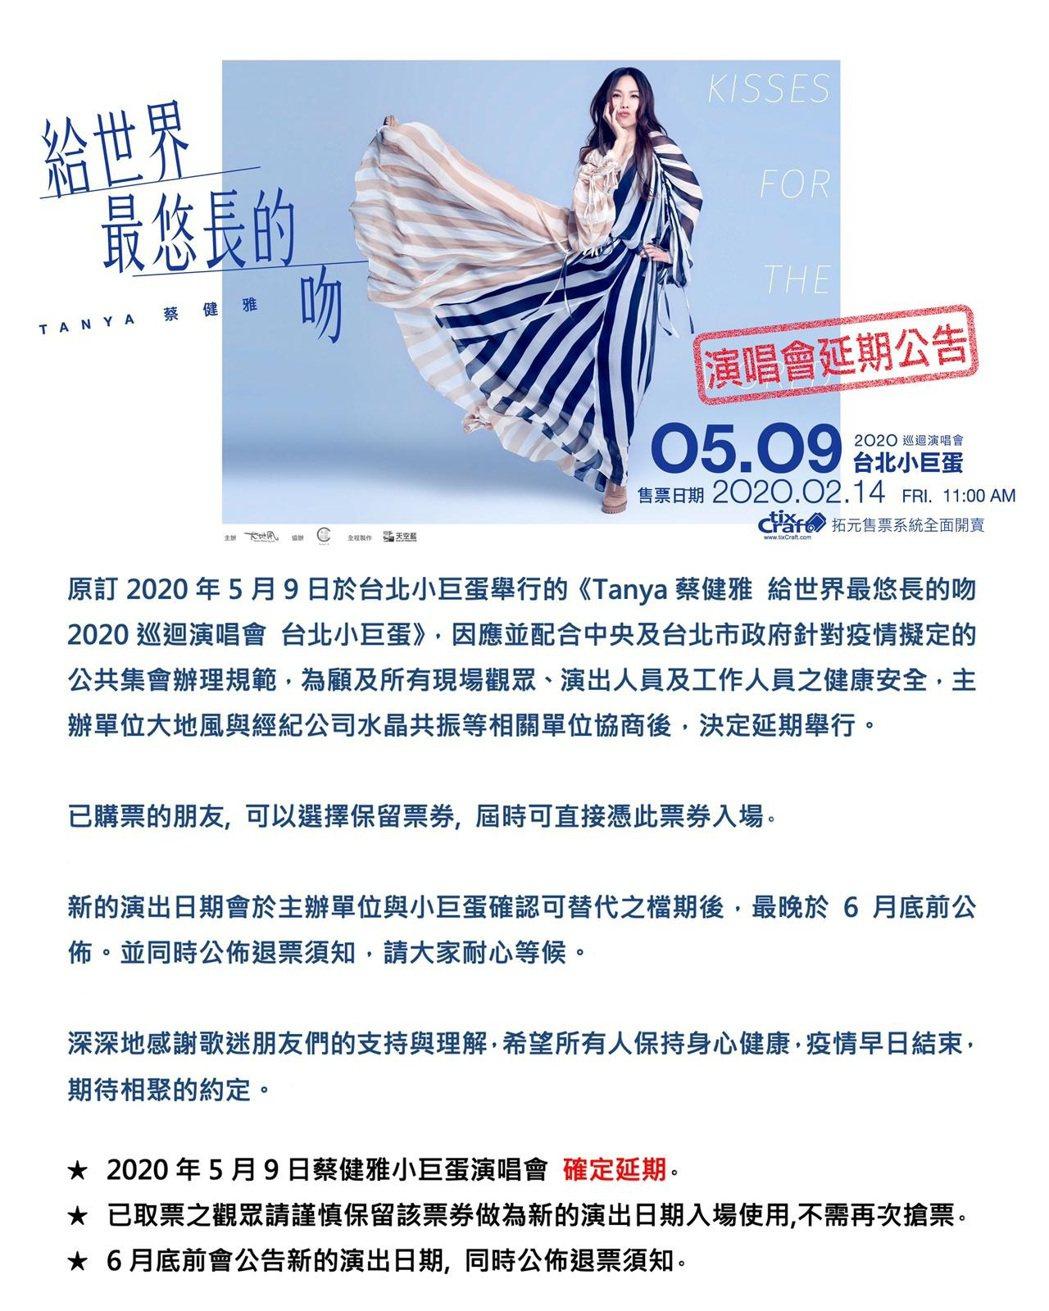 蔡健雅「給世界最悠長的吻」巡演正式延期。圖/大地風提供